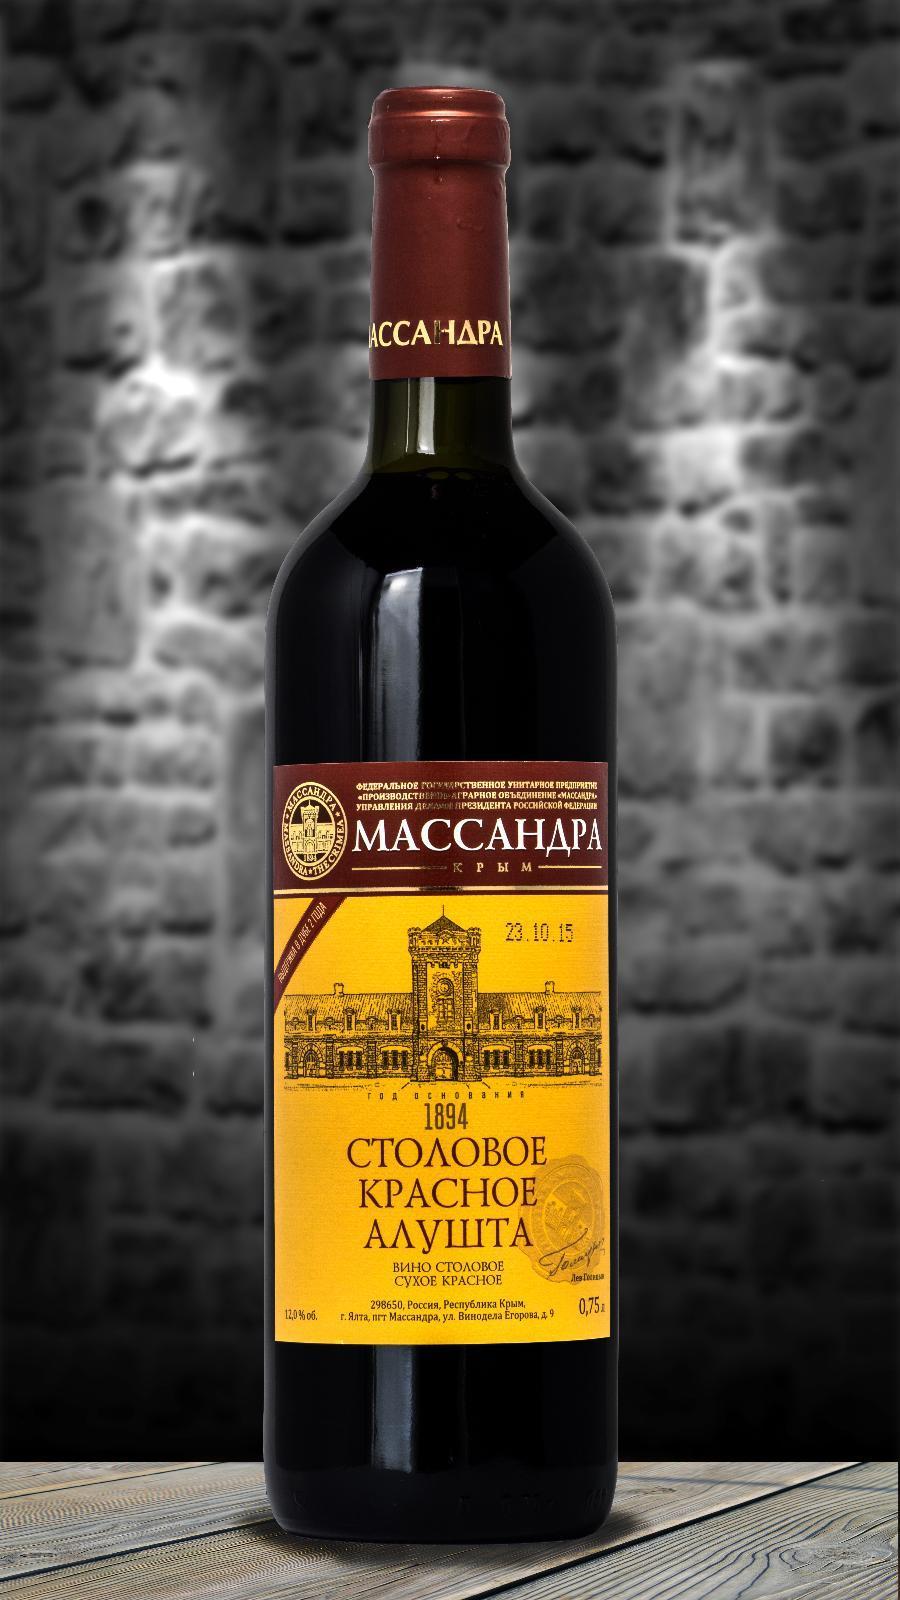 Столовое красное сухое вино - то, что нужно для алкогольного глинтвейна